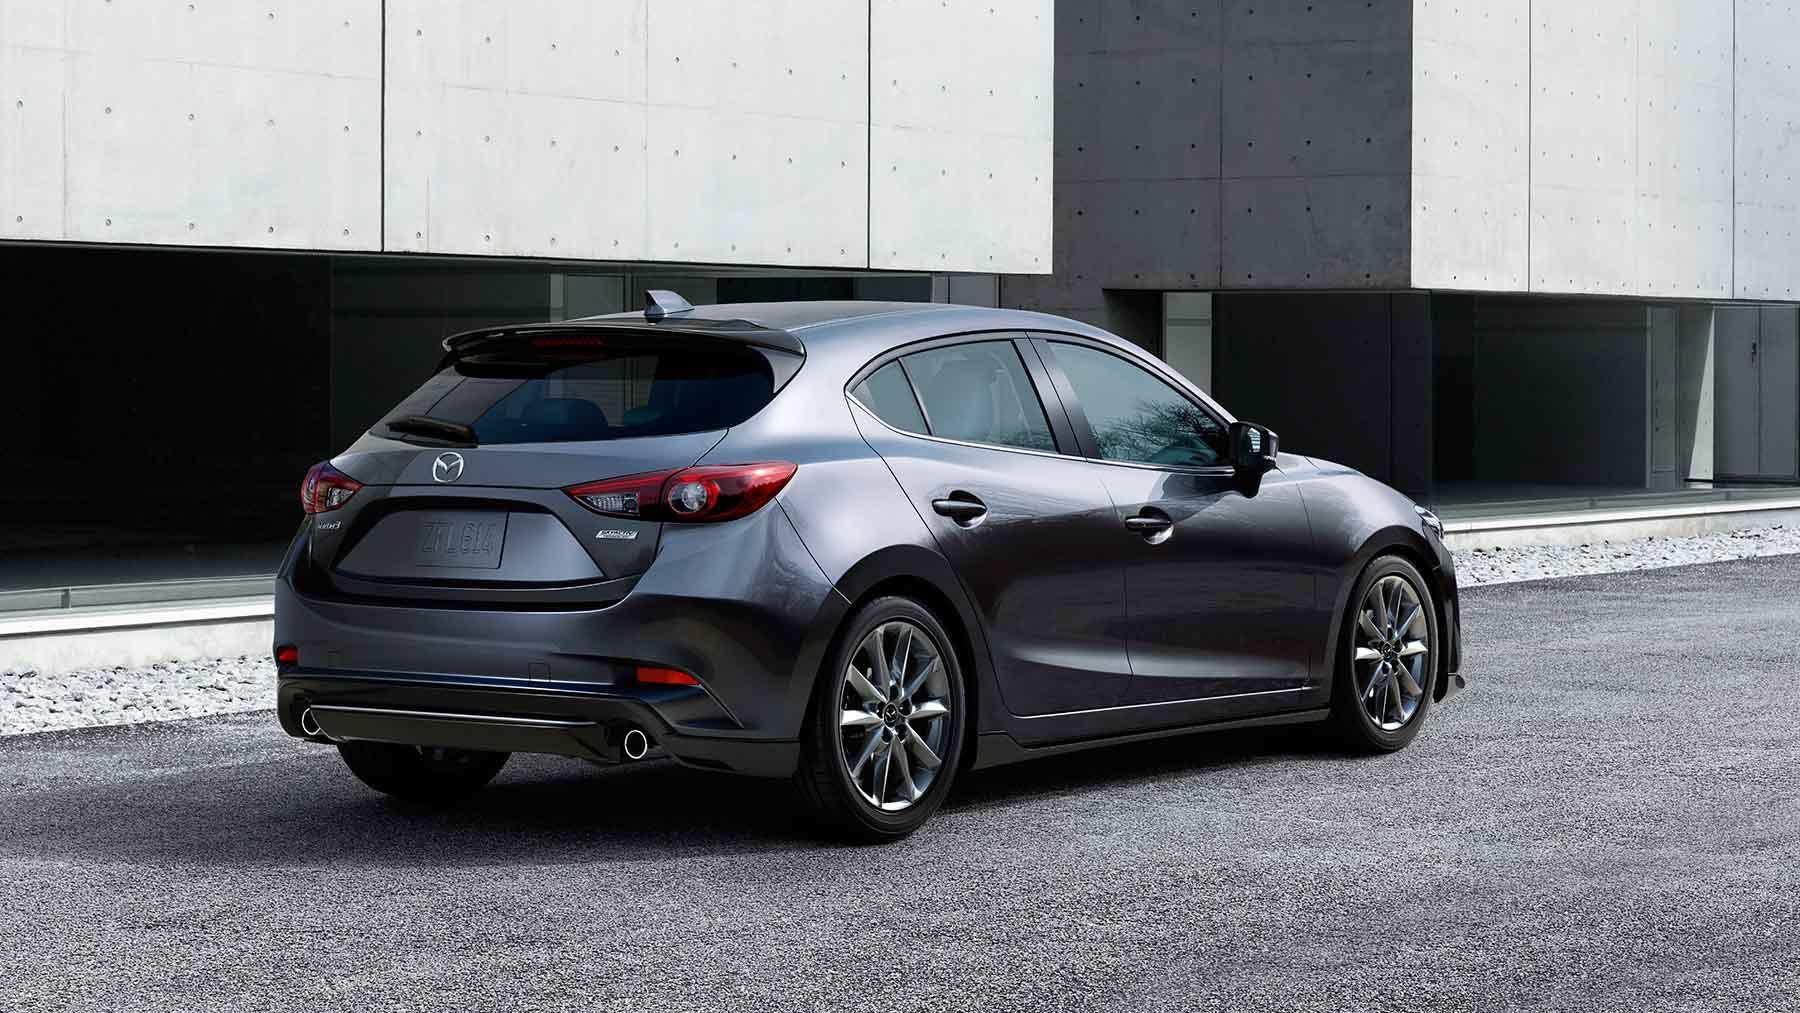 Galería del Vehículo Mazda 3 Hatchback Modelo 2017 | Mazda Mexico